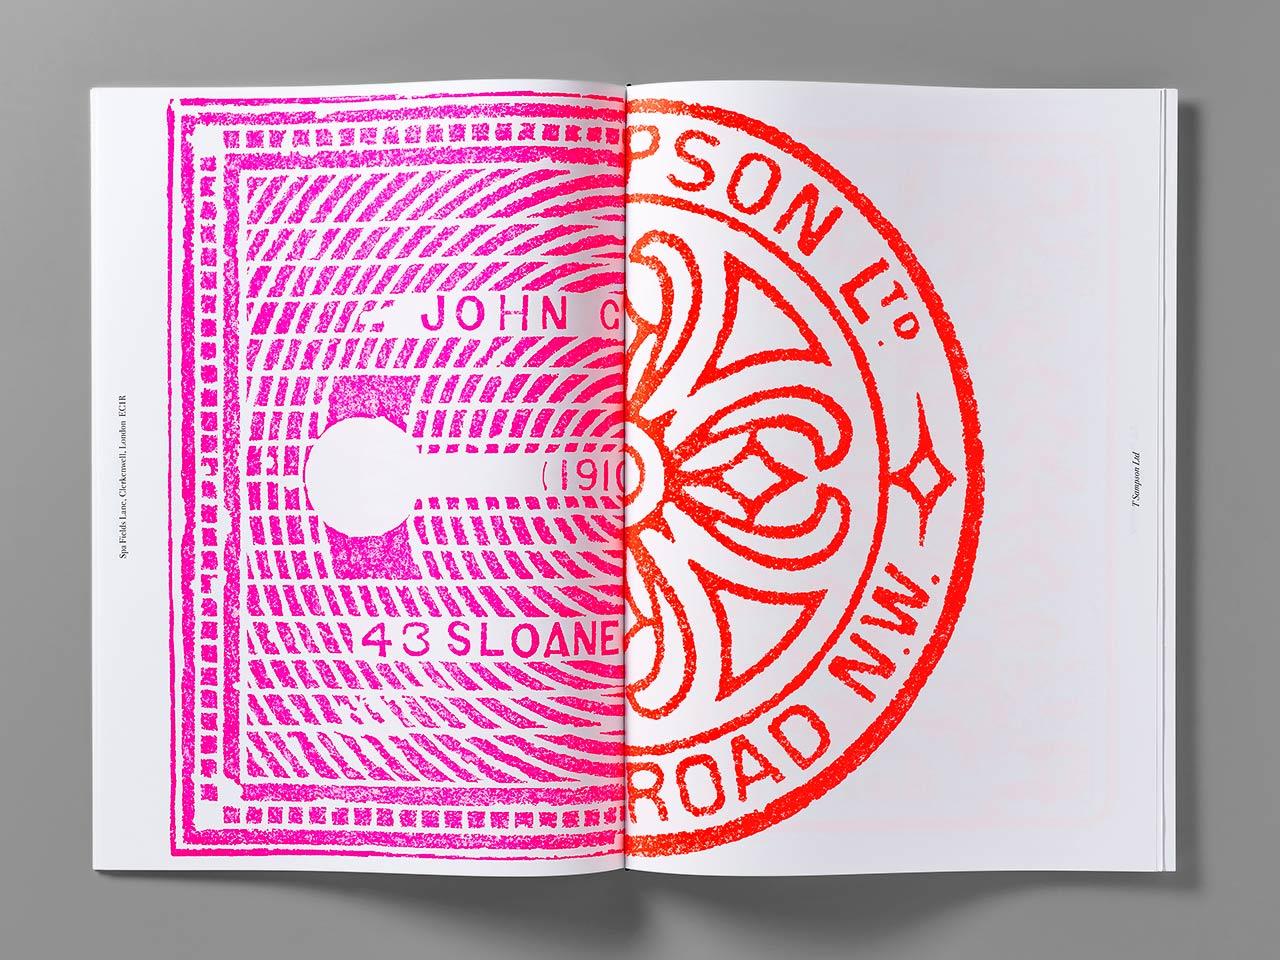 Pentagram_Overlooked-PP-book_12